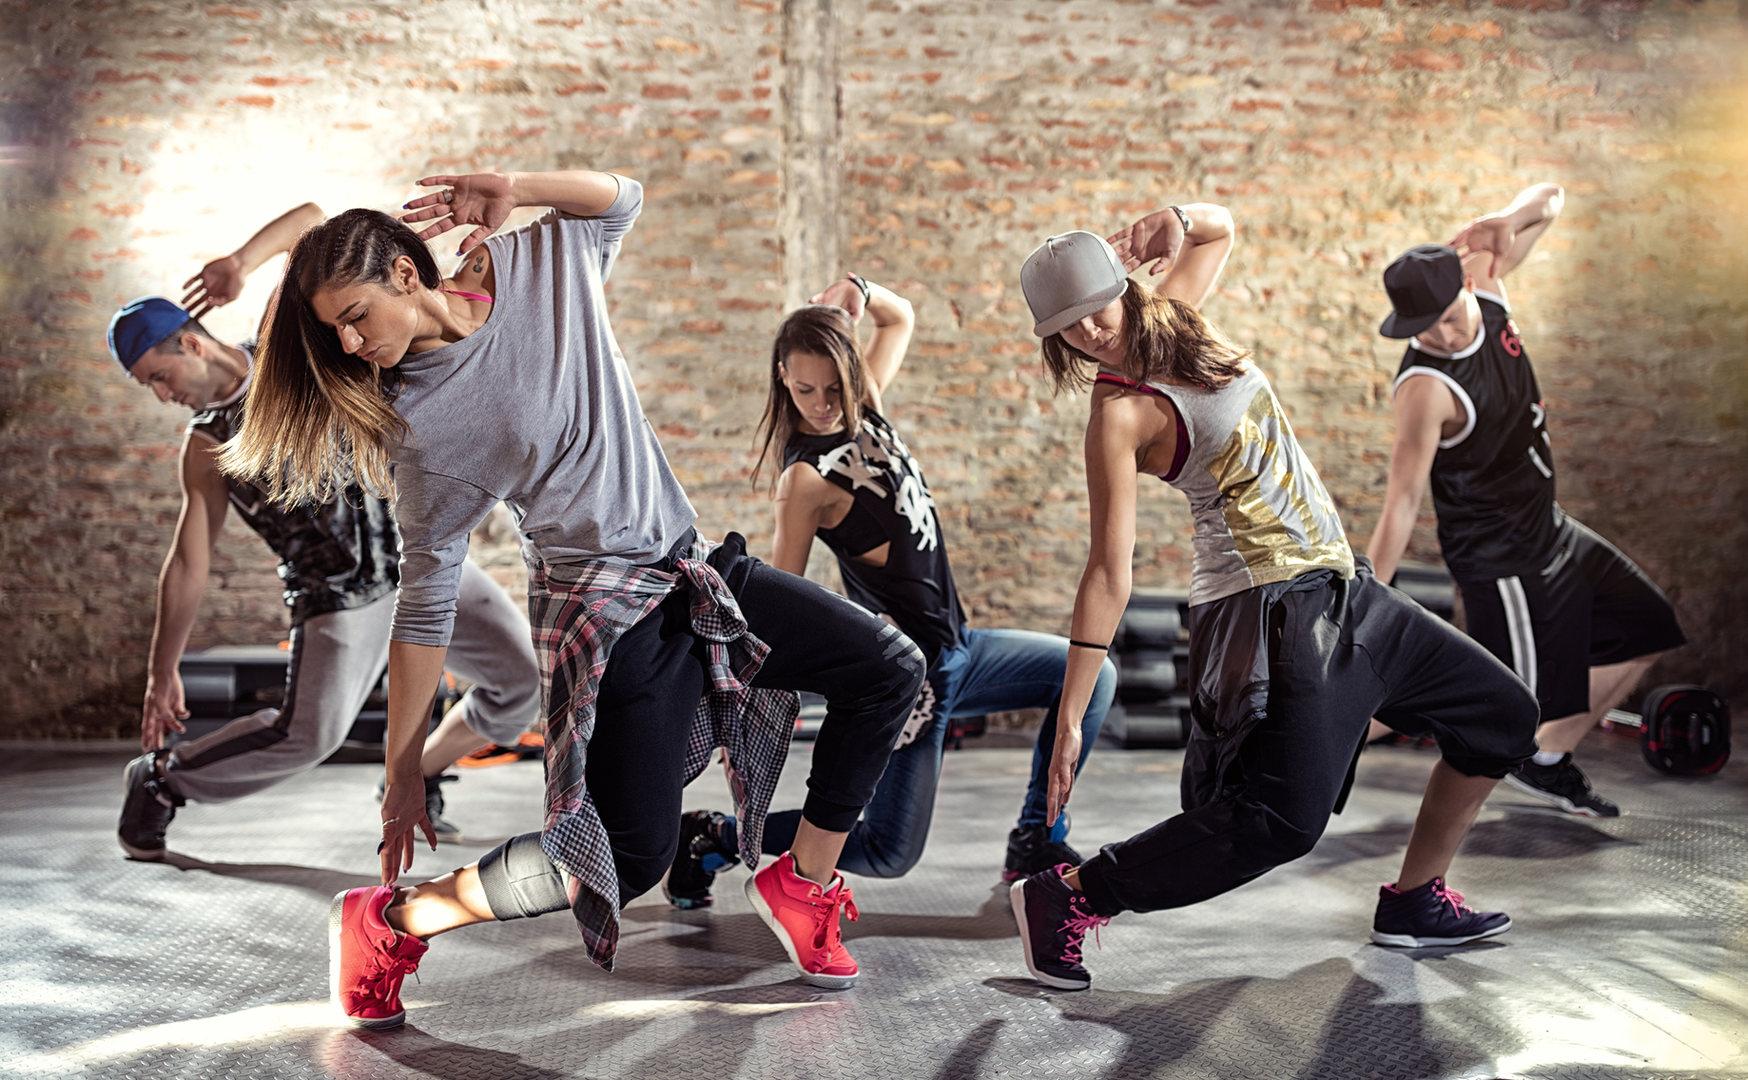 Choreohraphed Dance Crew